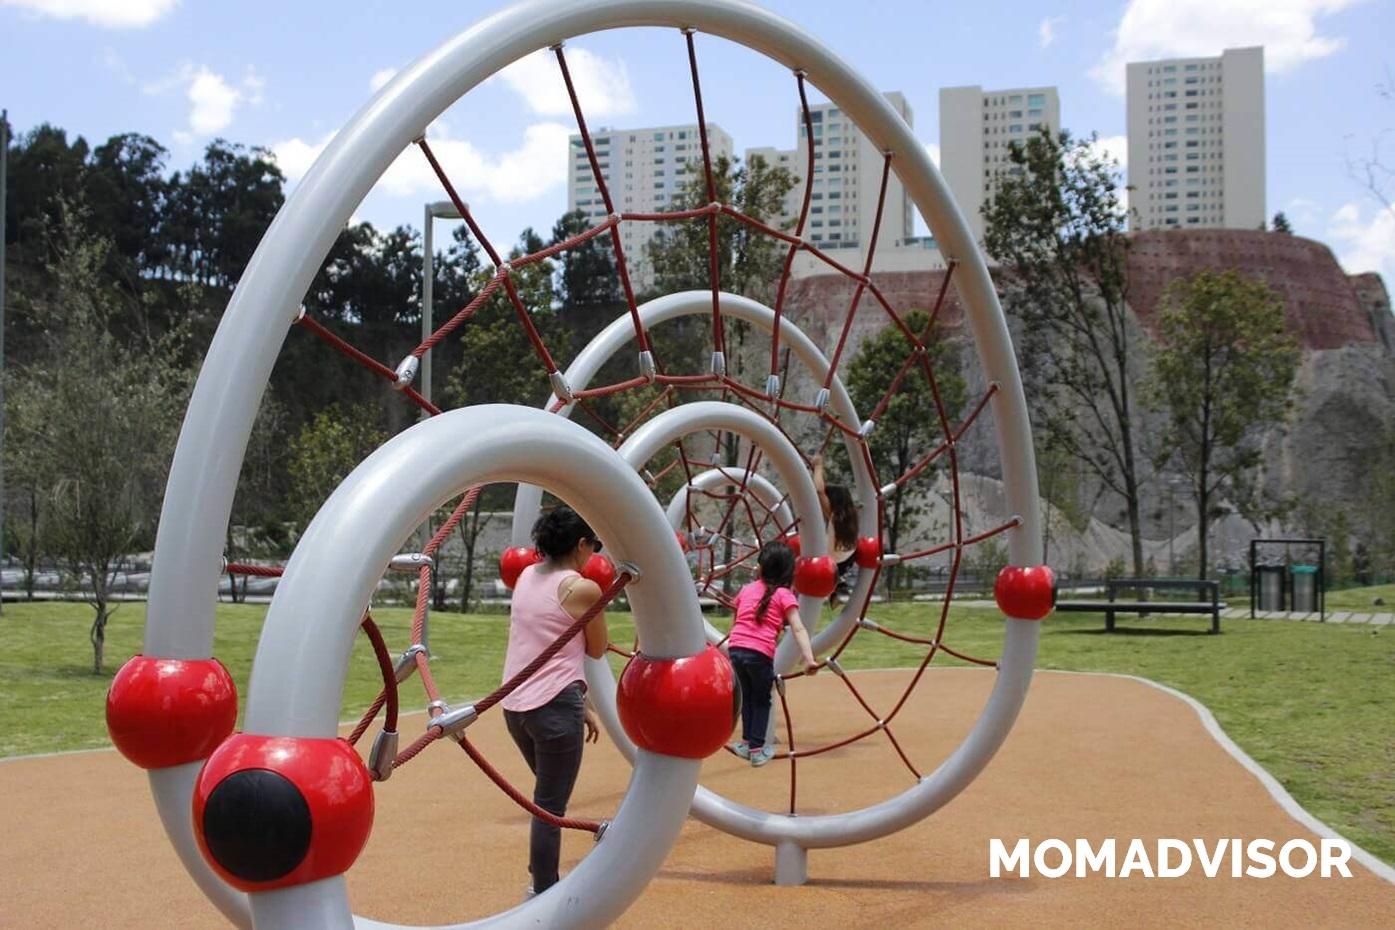 parque-la-mexicana-telarana-momadvisor-logo